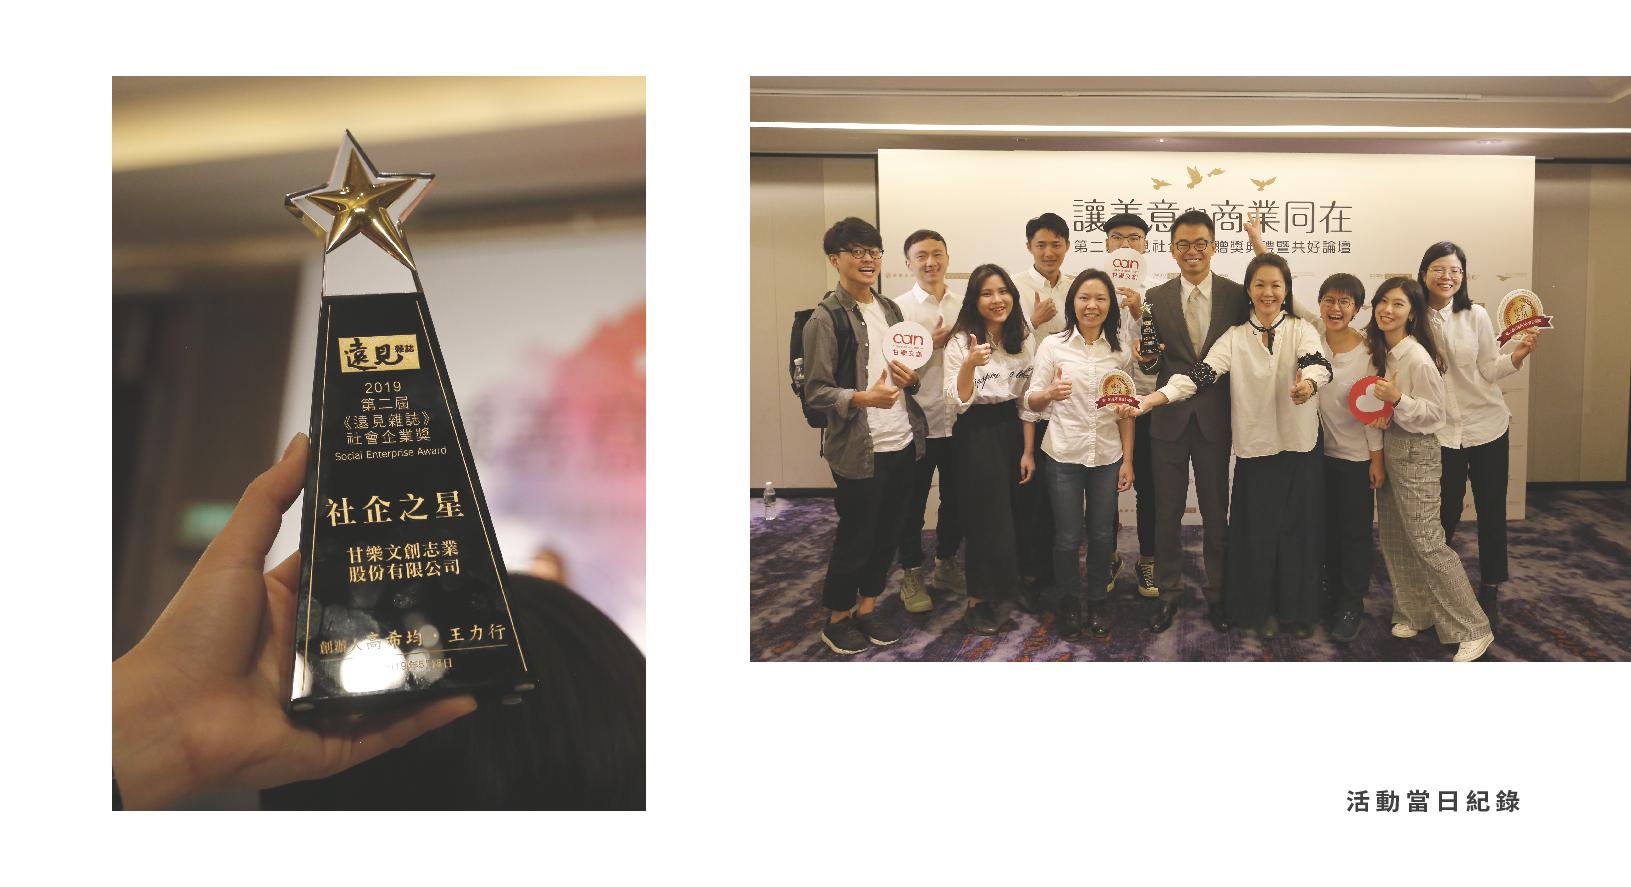 甘樂文創獲選第二屆遠見雜誌社企之星 活動紀錄 | 甘樂文創 | 甘之如飴,樂在其中